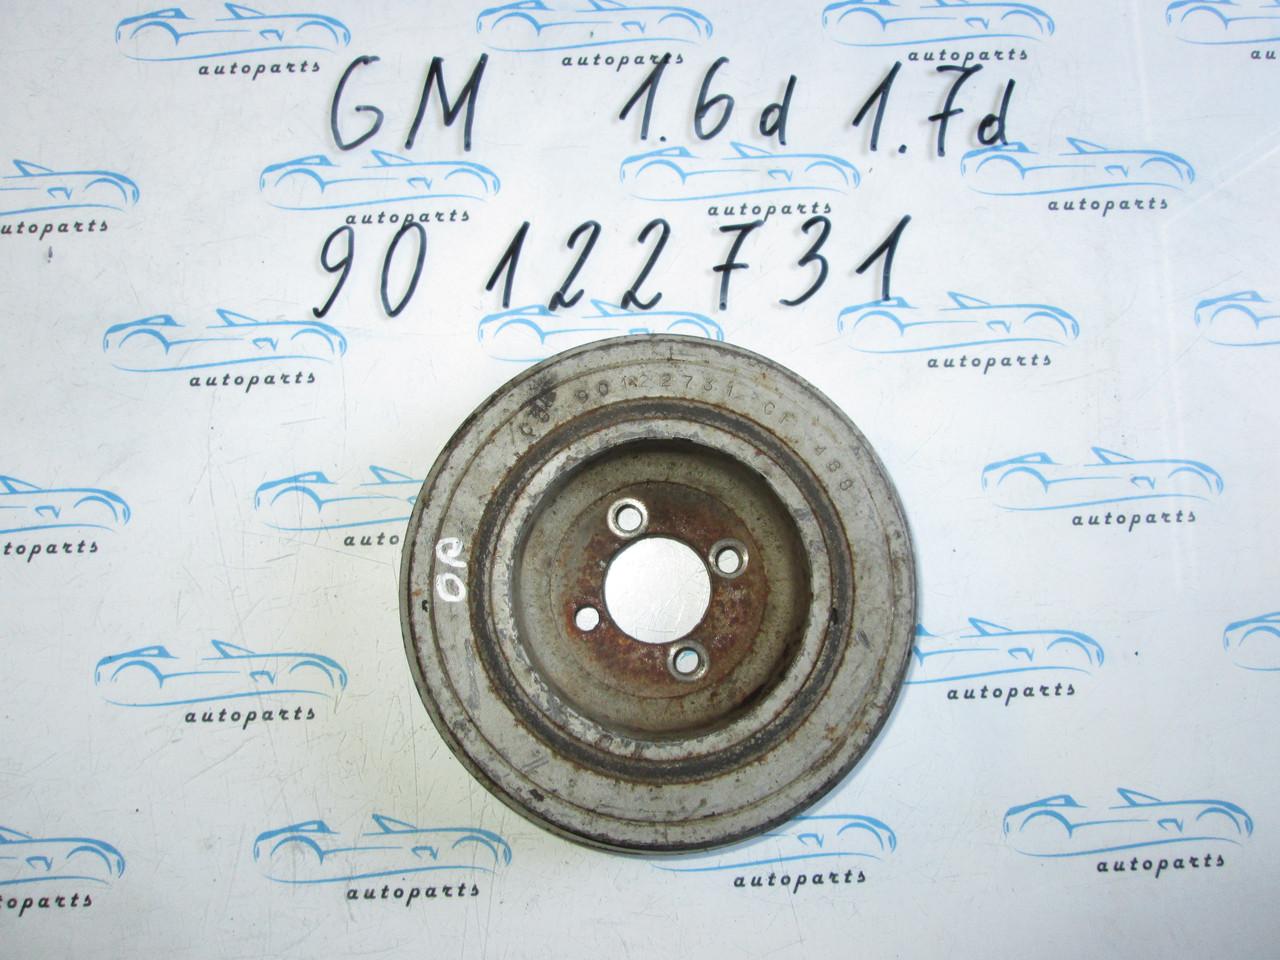 Шкив коленвала Opel 1.6, 1.7D, 90122731